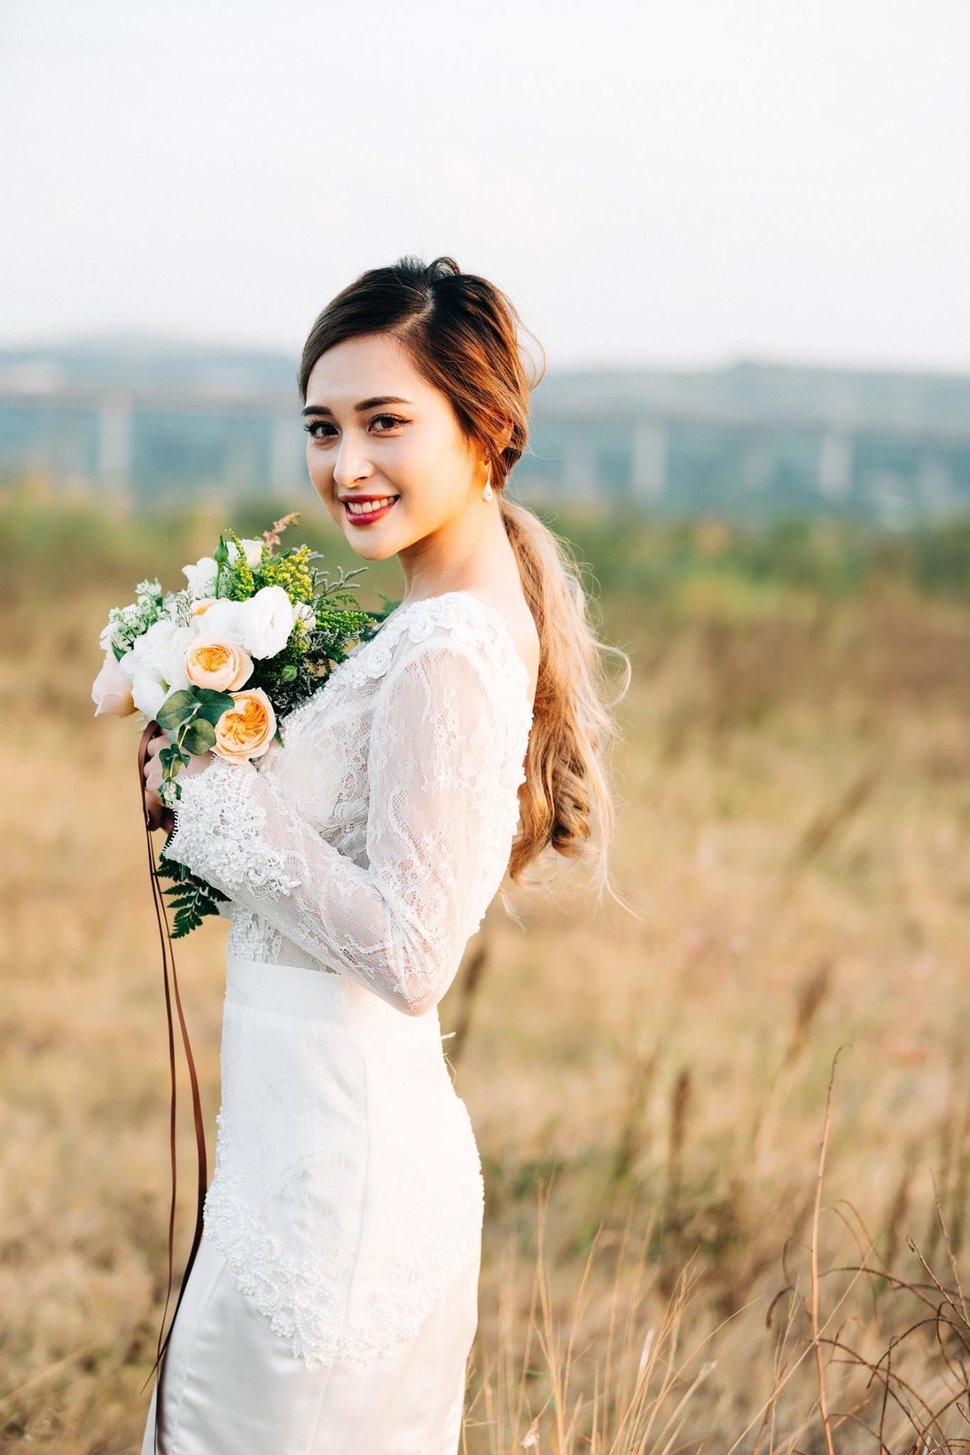 51786704_992431750880425_1810287011131555840_o - LINN  美式婚紗《結婚吧》